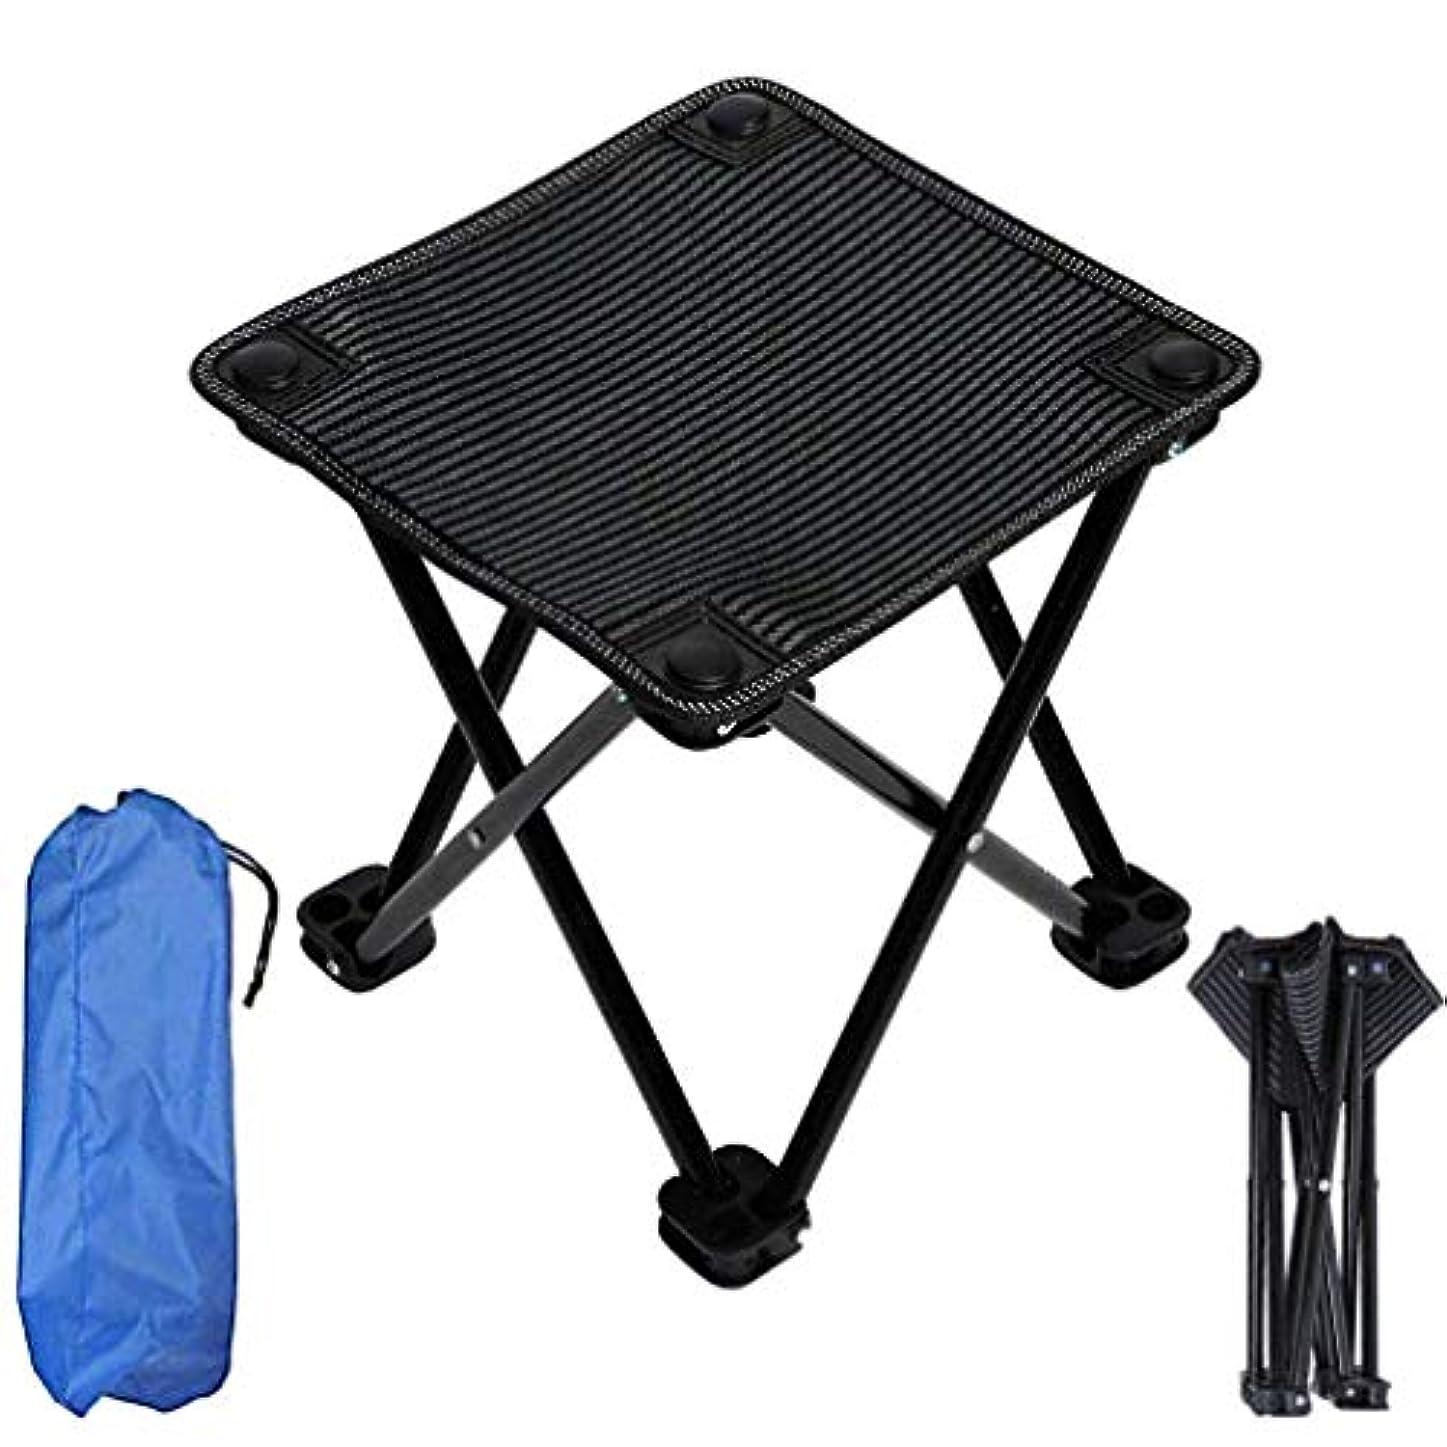 悪用担当者絶滅した携帯用キャンプチェア、330ポンドの容量の折りたたみ式メッシュピクニックシート簡単に持ち運び可能、折りたたみ式でコンパクト、ボーナスキャリーバッグでのご旅行に最適パーフェクトハイキング/釣り/キャンプ,B